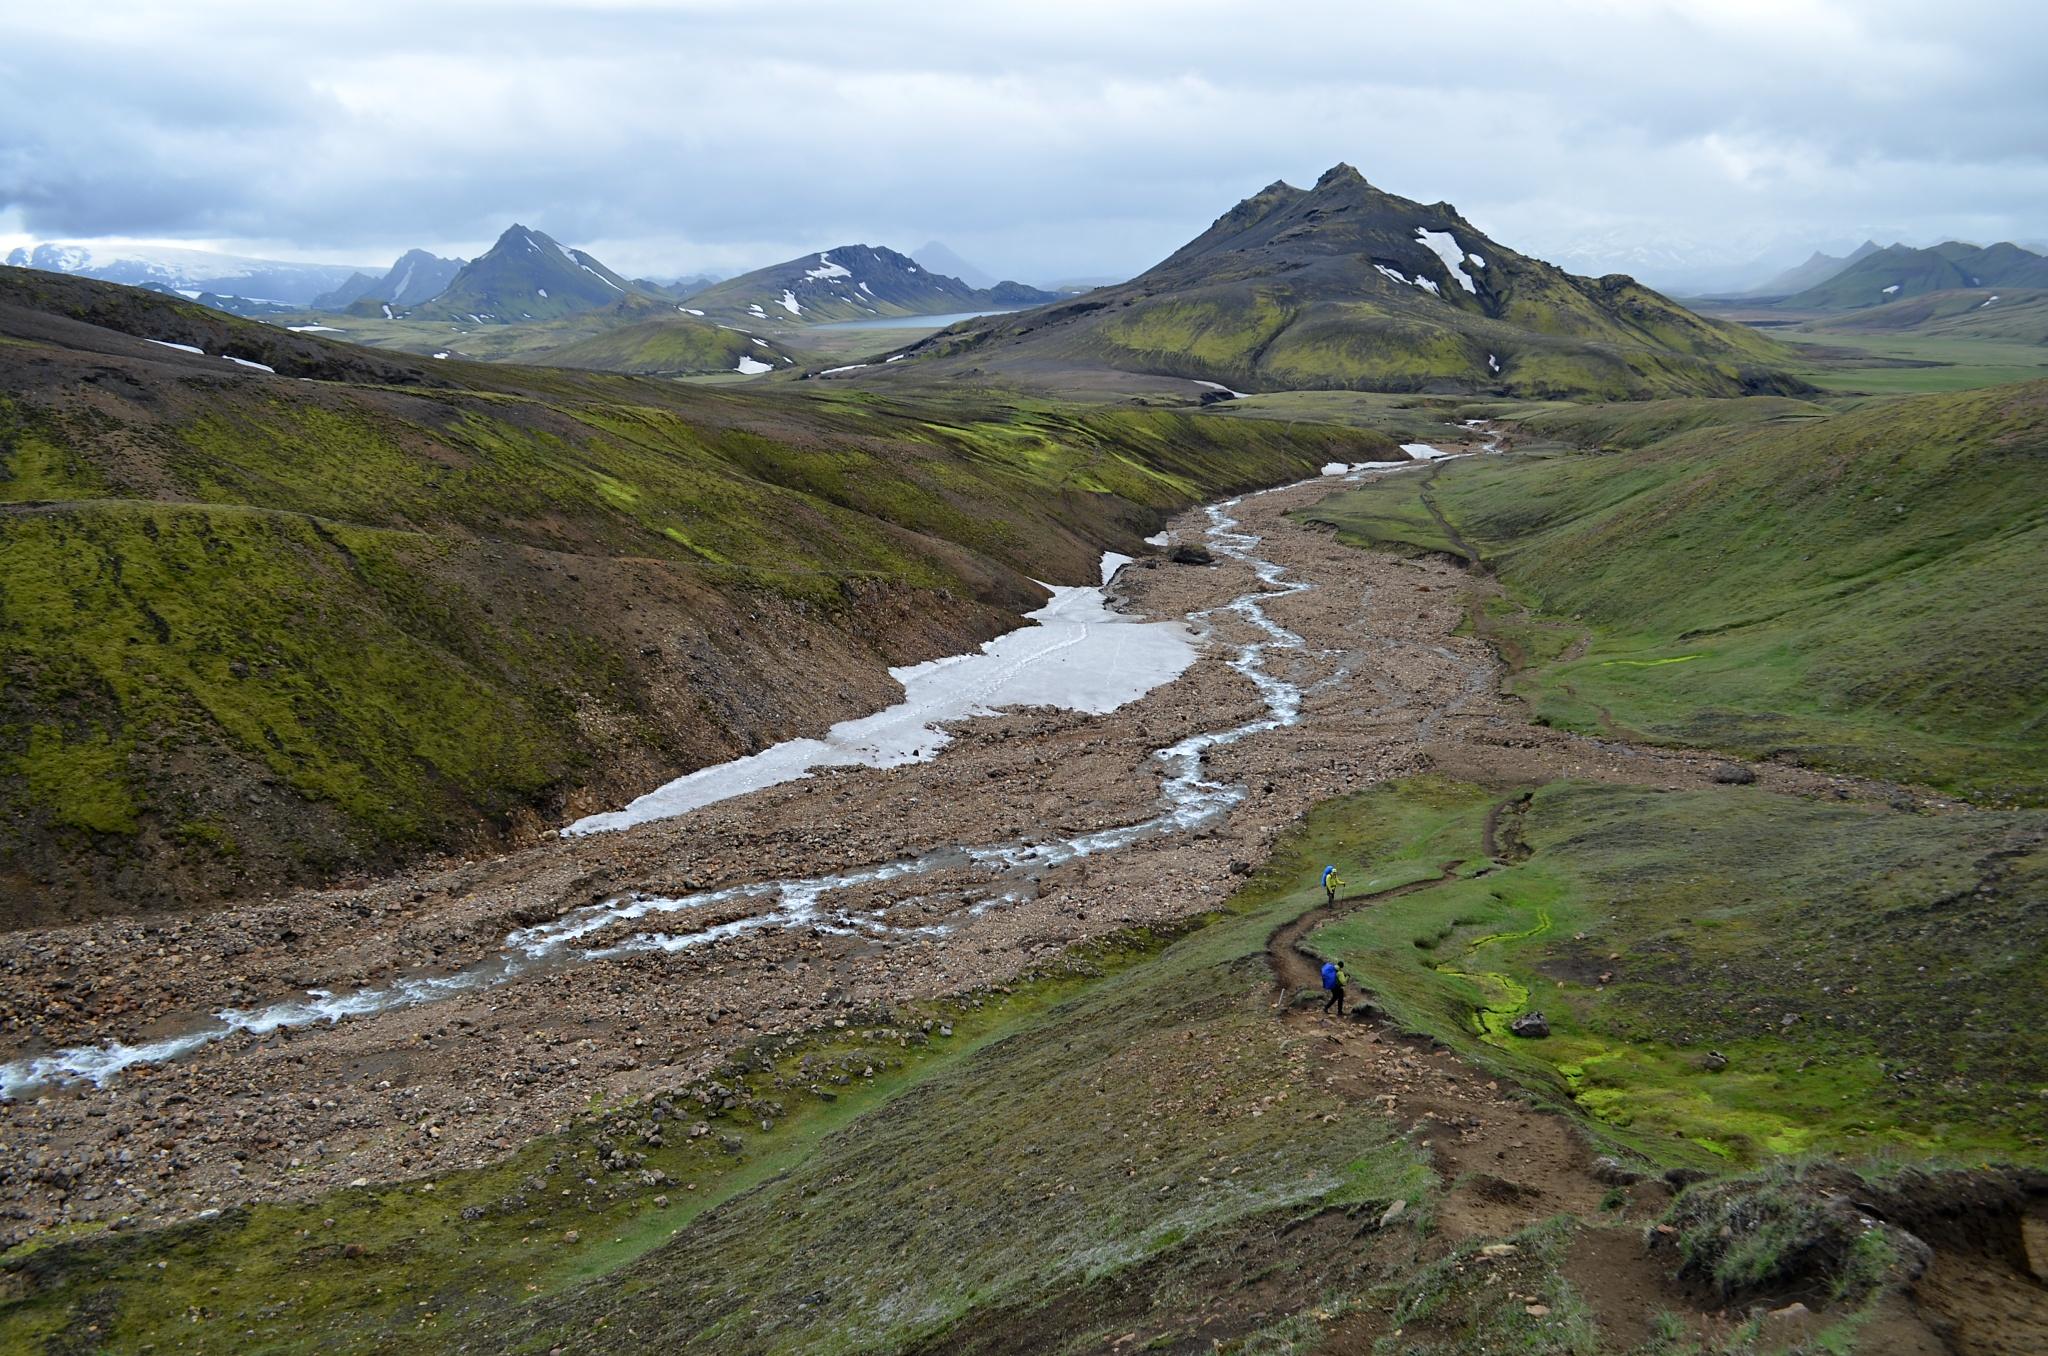 Vody je málo, spíš než řeka je to teď takový klidný potůček